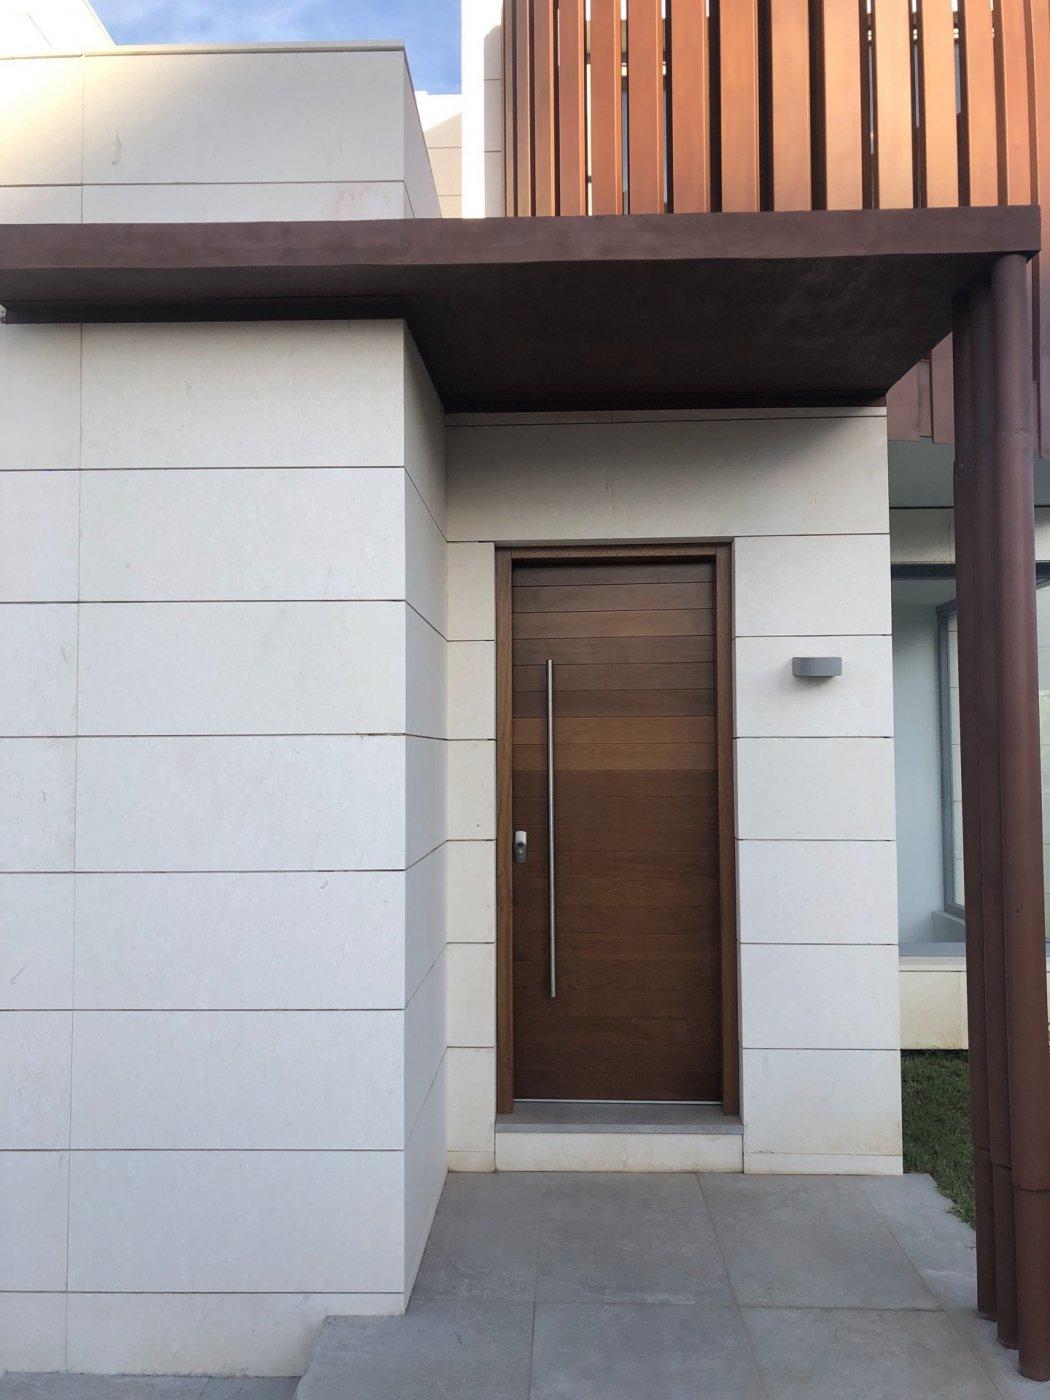 Venta de villas modernas en mijas costa, malaga, espaÑa - imagenInmueble33